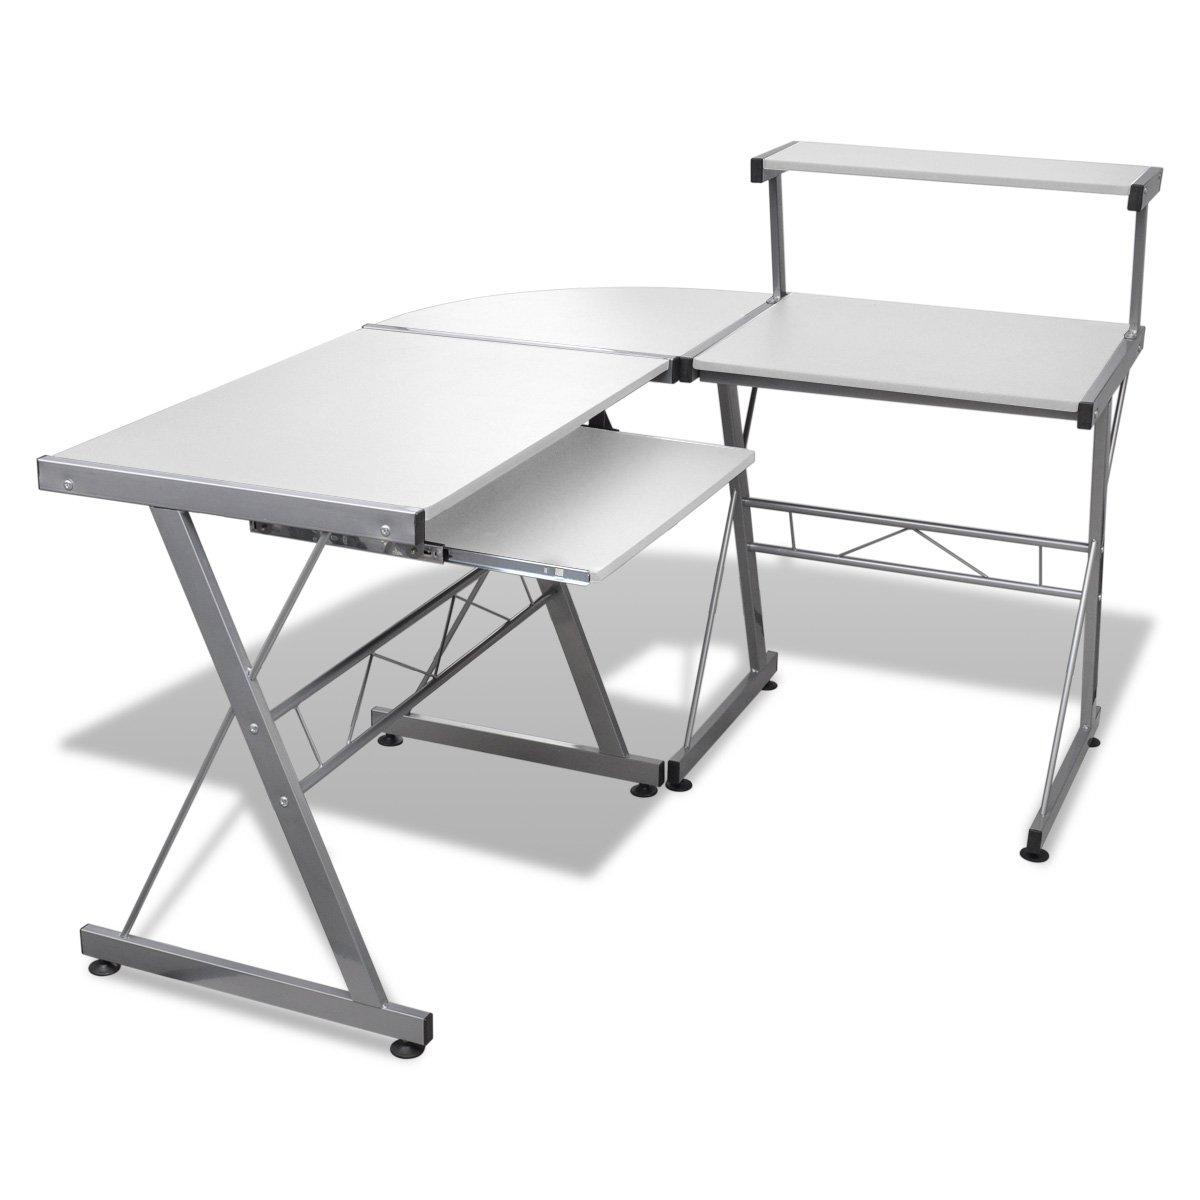 Computertisch Schreibtisch Arbeitstisch Ecktisch PC Tisch Büro weiß    Kritiken und weitere Informationen